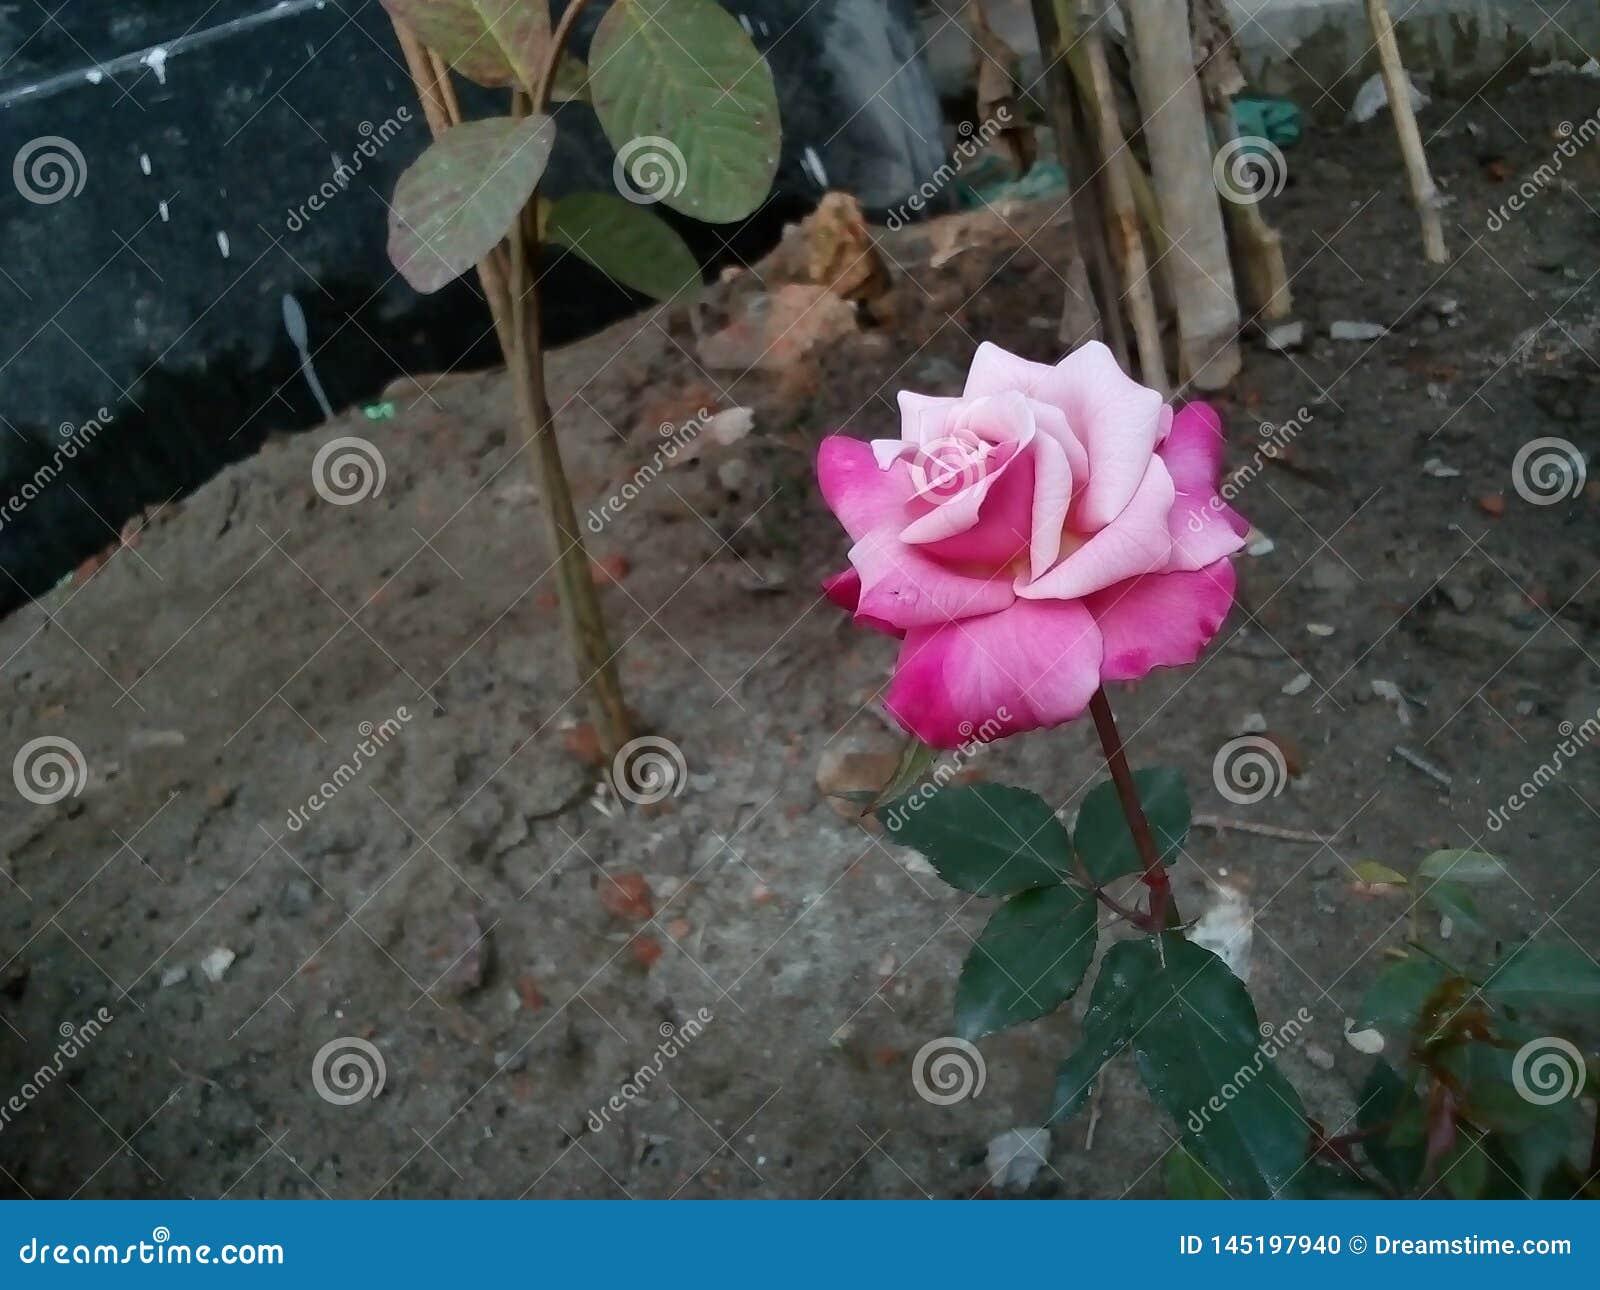 Róża jest piękna ponieważ miłość jest czysta nasz życie